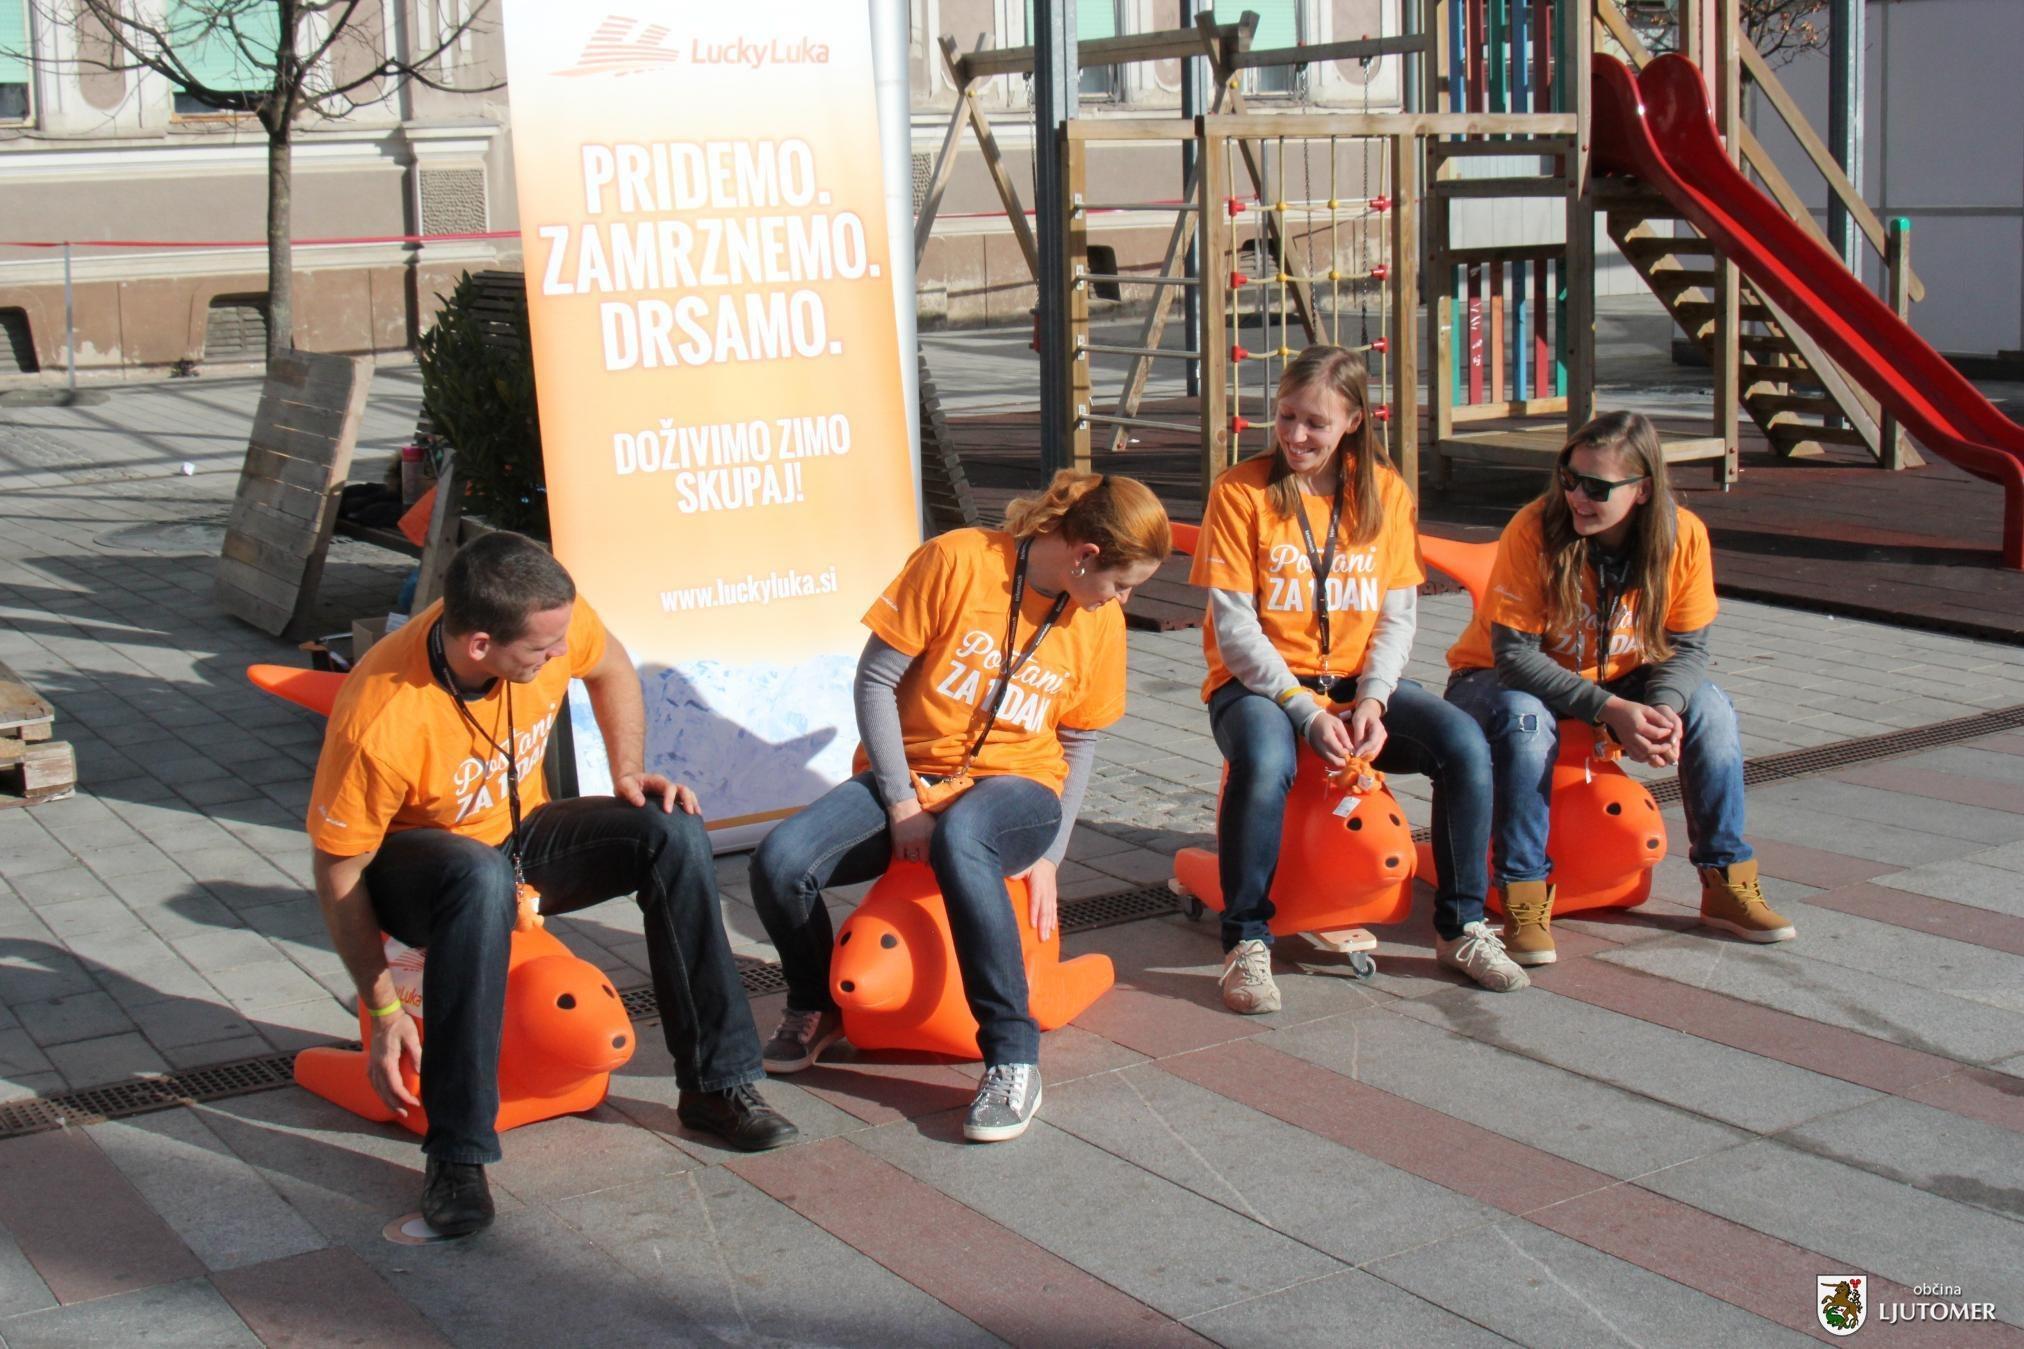 Za ledene radosti v prleški prestolnici bo tudi letos poskrbela ekipa Lucky Luka; foto: Občina Ljutomer